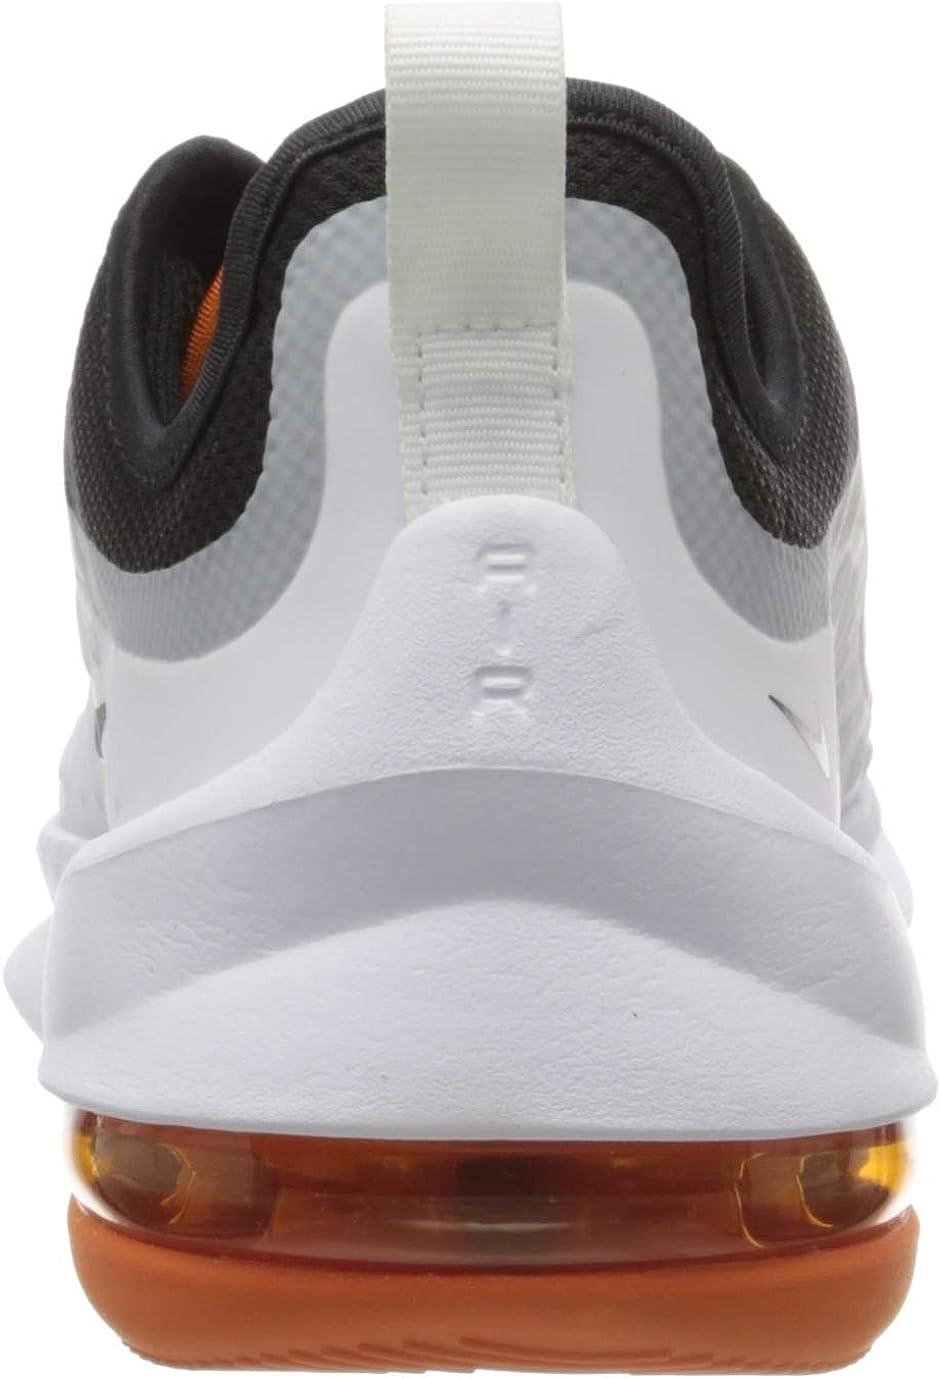 Nike Herren Air Max Axis Sneaker Schwarz Schwarz Weiss Magma Orange